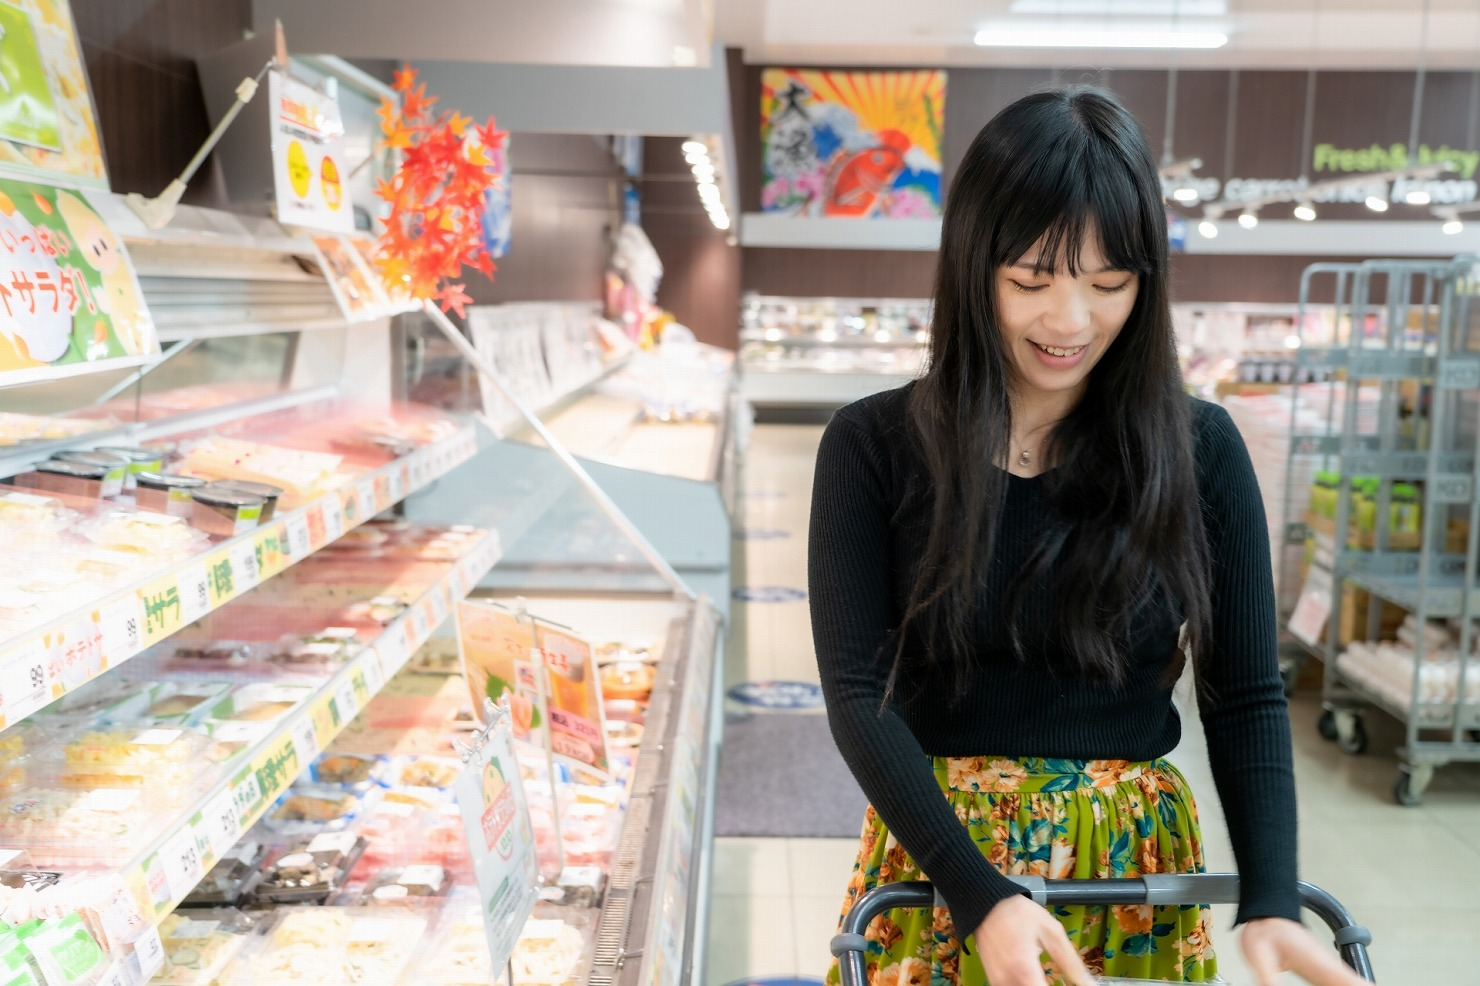 離乳食ケーキを与える際の注意点:食べたことのある食材を使う